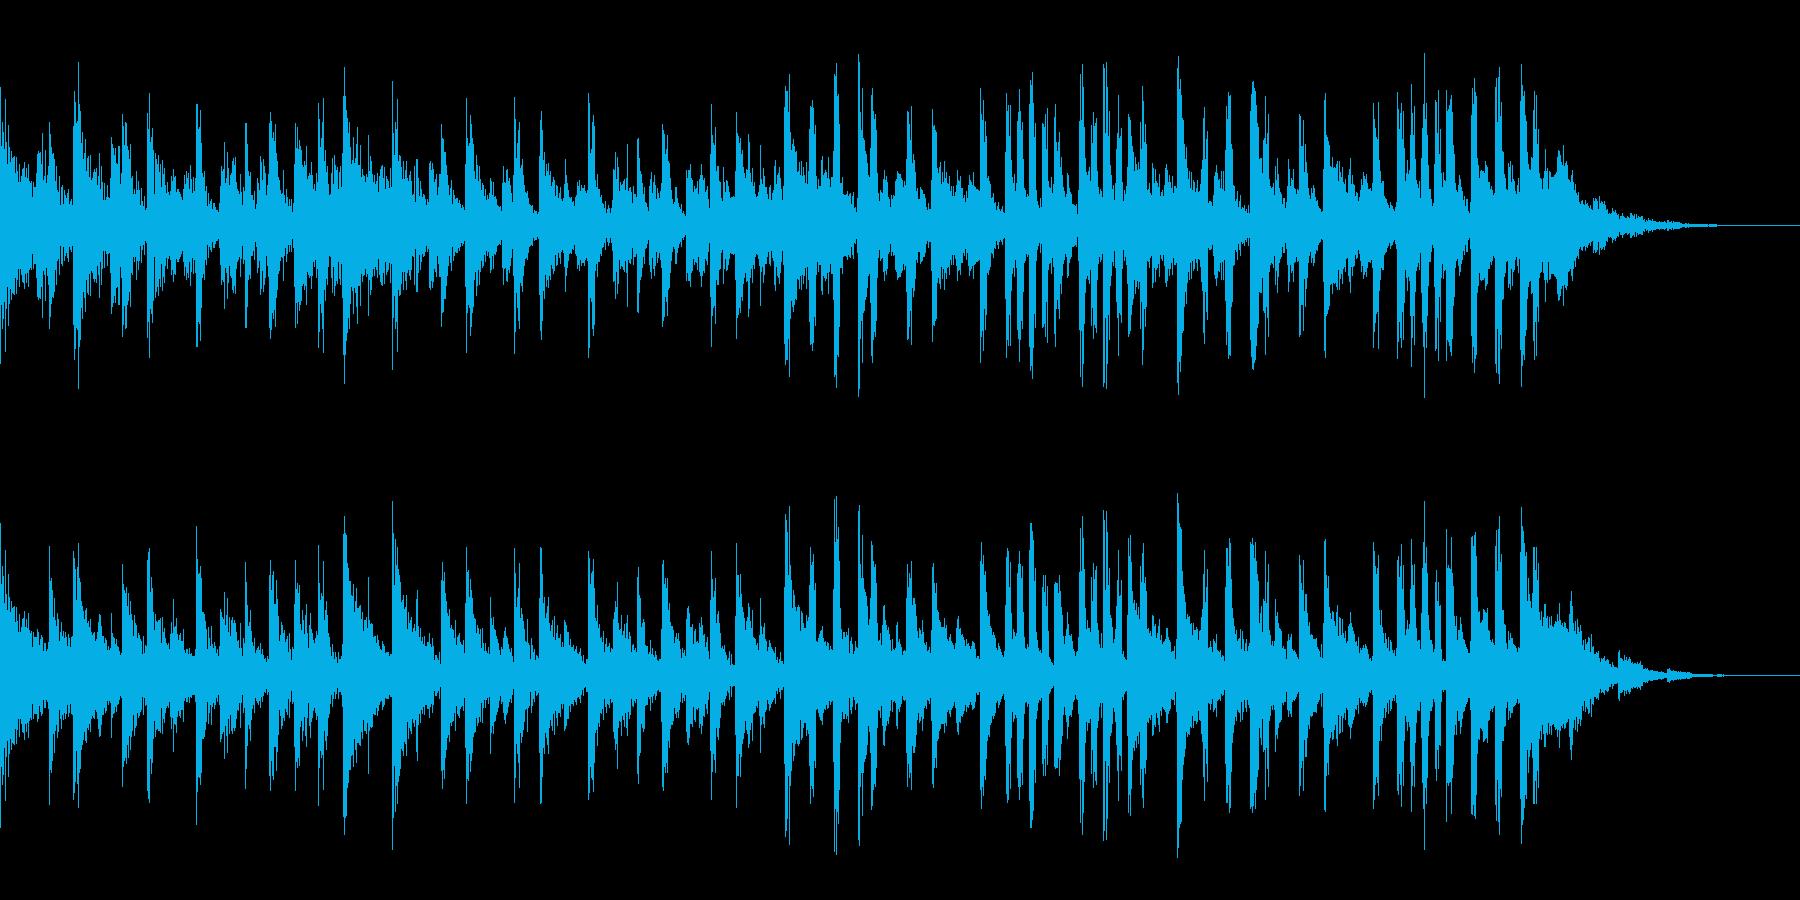 テクノとハウスのBGMの再生済みの波形